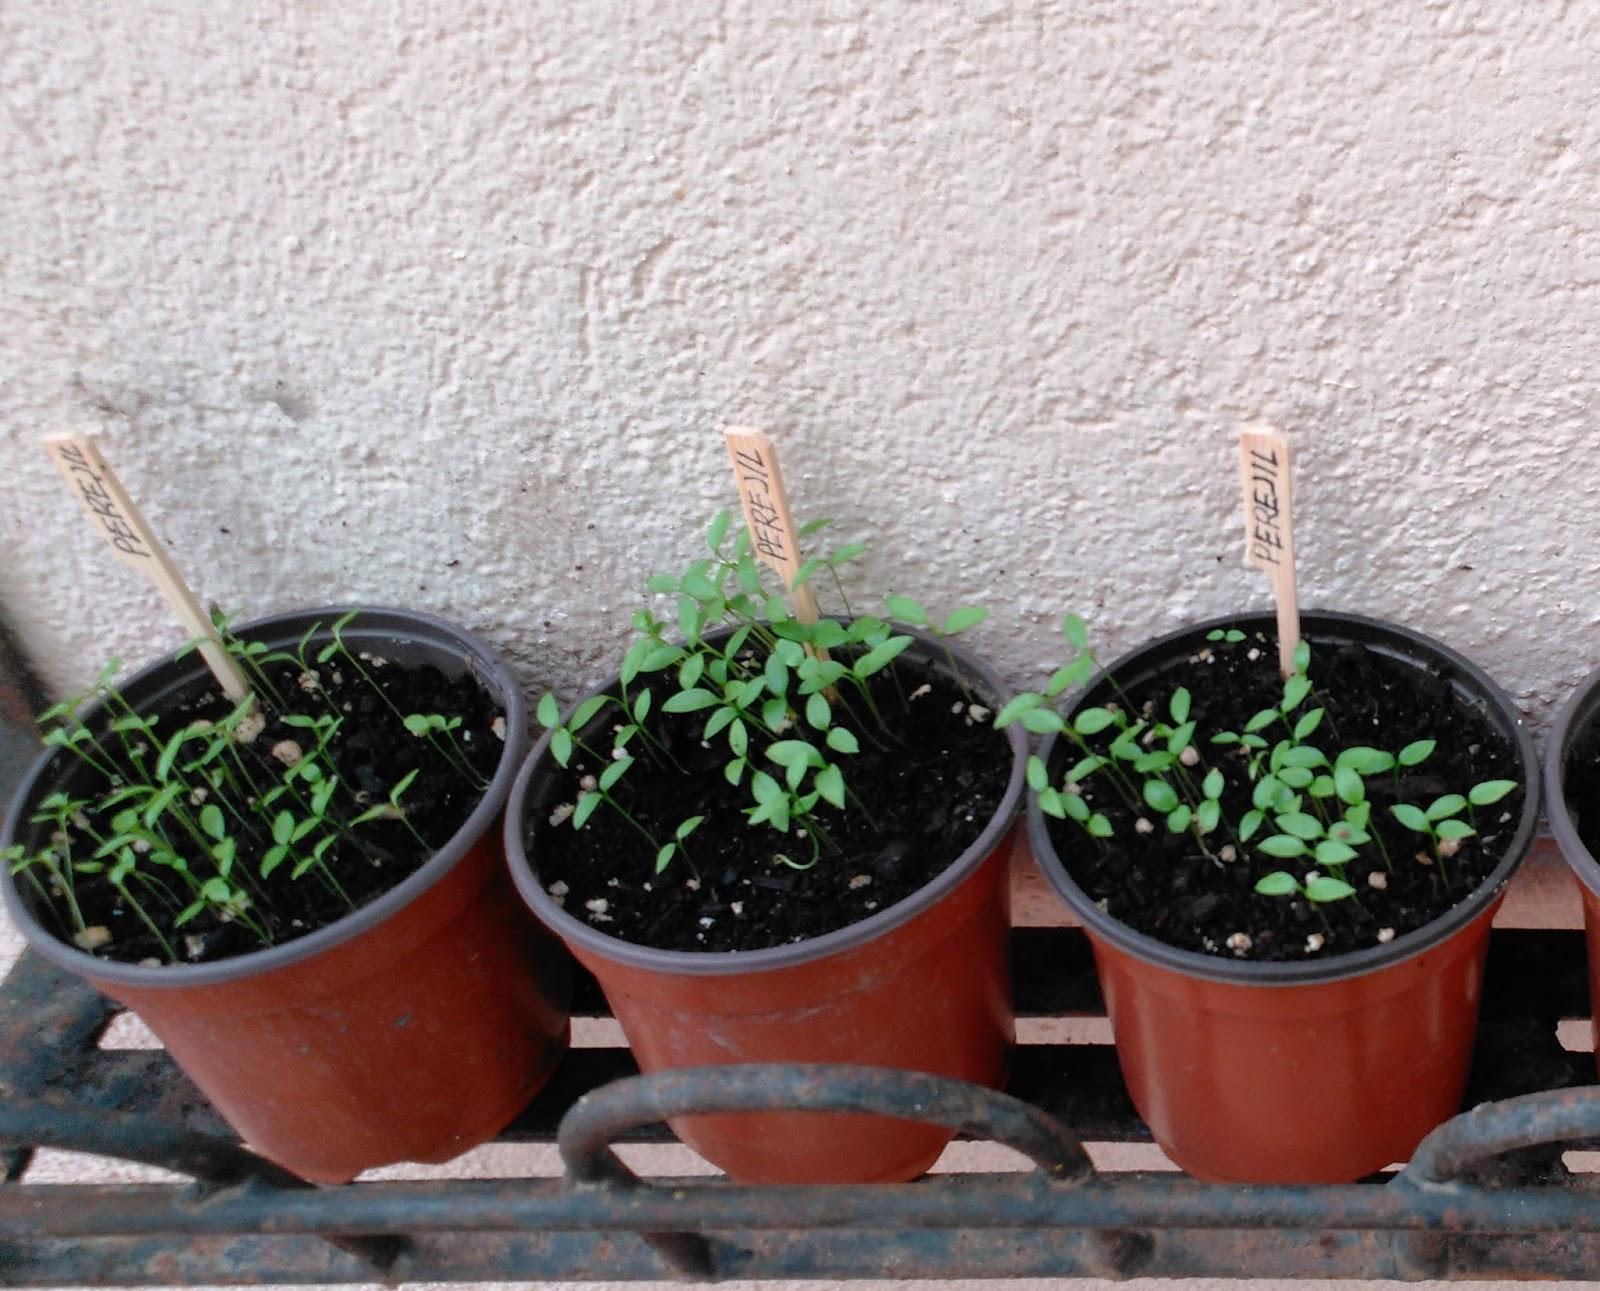 Huerto casero de quiquet como sembrar perejil en casa for Como sembrar semillas en macetas